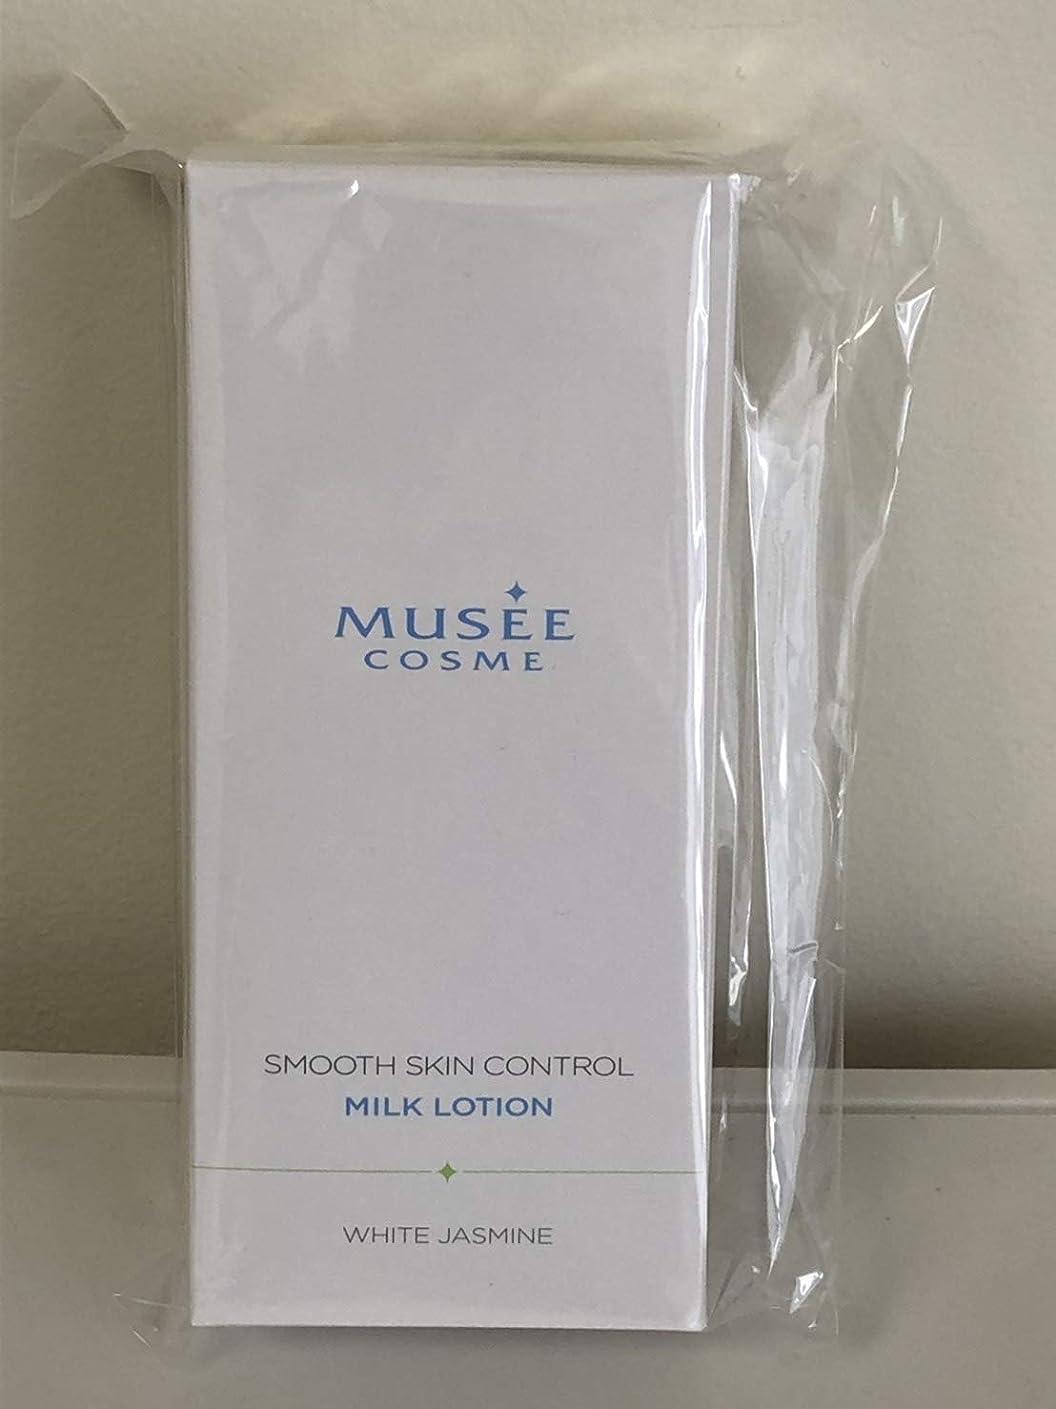 受取人で出来ている想像するミュゼコスメ 薬用スムーススキンコントロール ミルクローション 300mL ホワイトジャスミンの香り